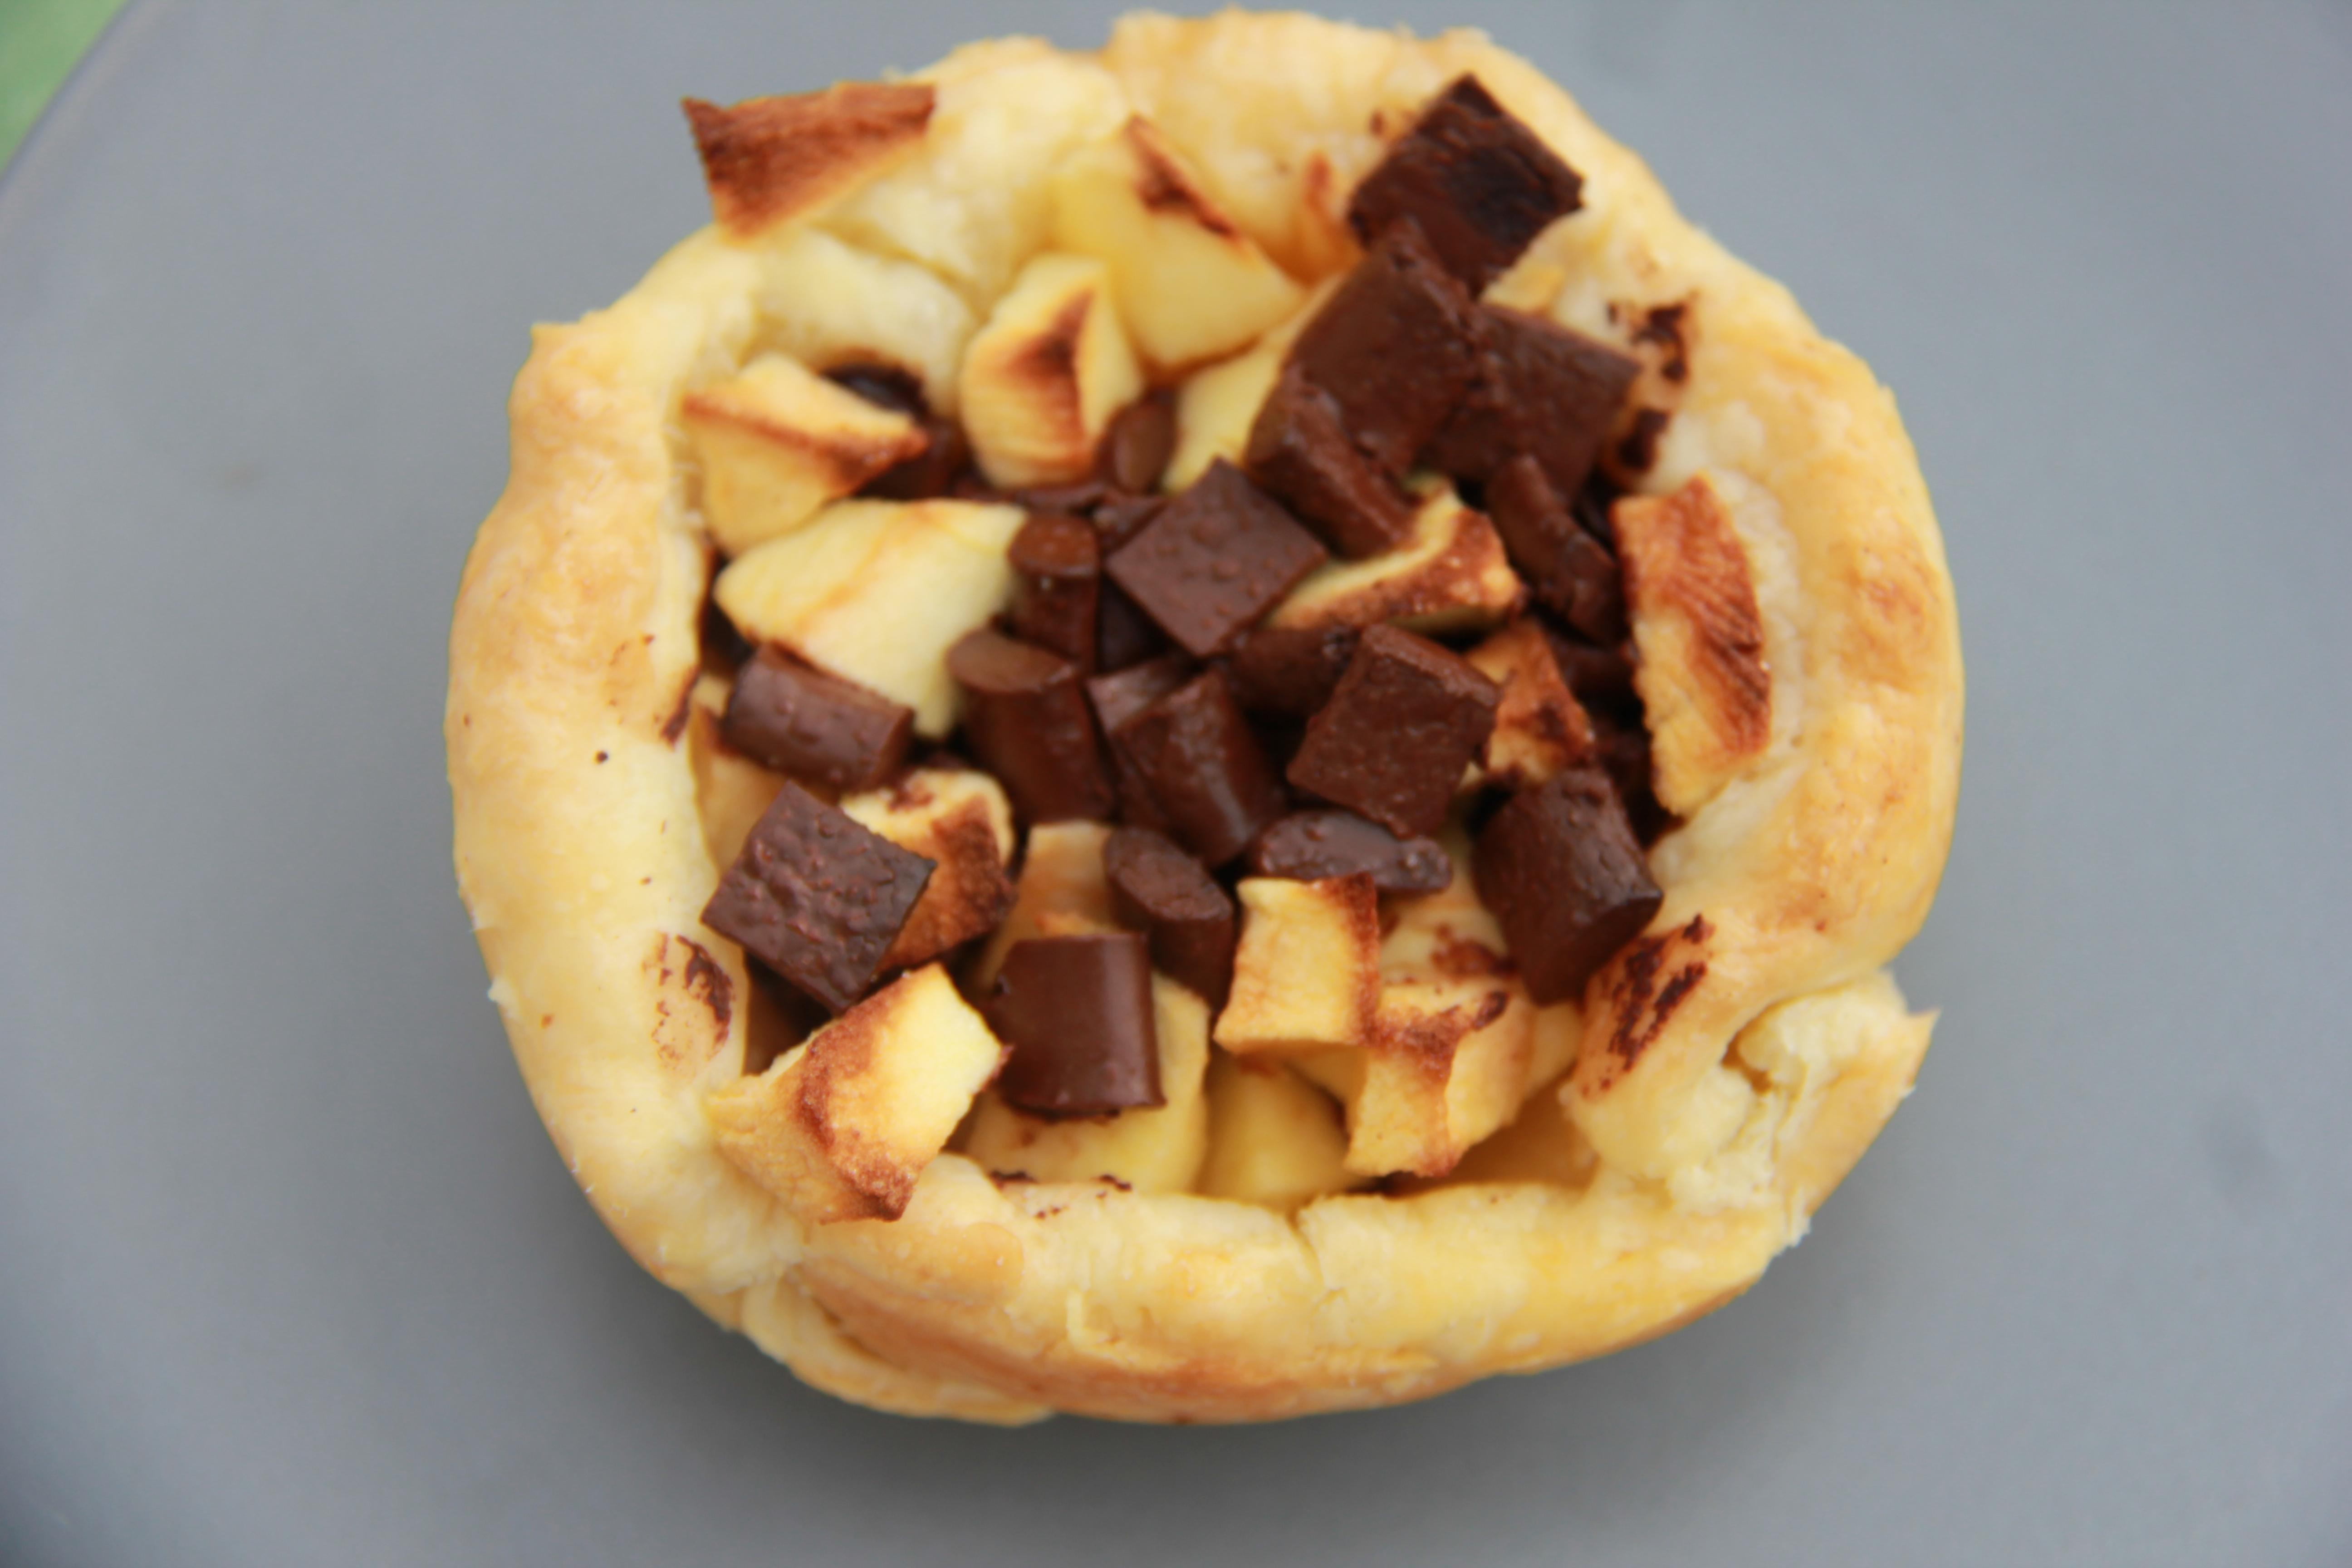 Petit panier feuillet pommes chocolat ou que faire avec un reste de p te feuillet e anne - Que faire avec une pate feuilletee sale ...